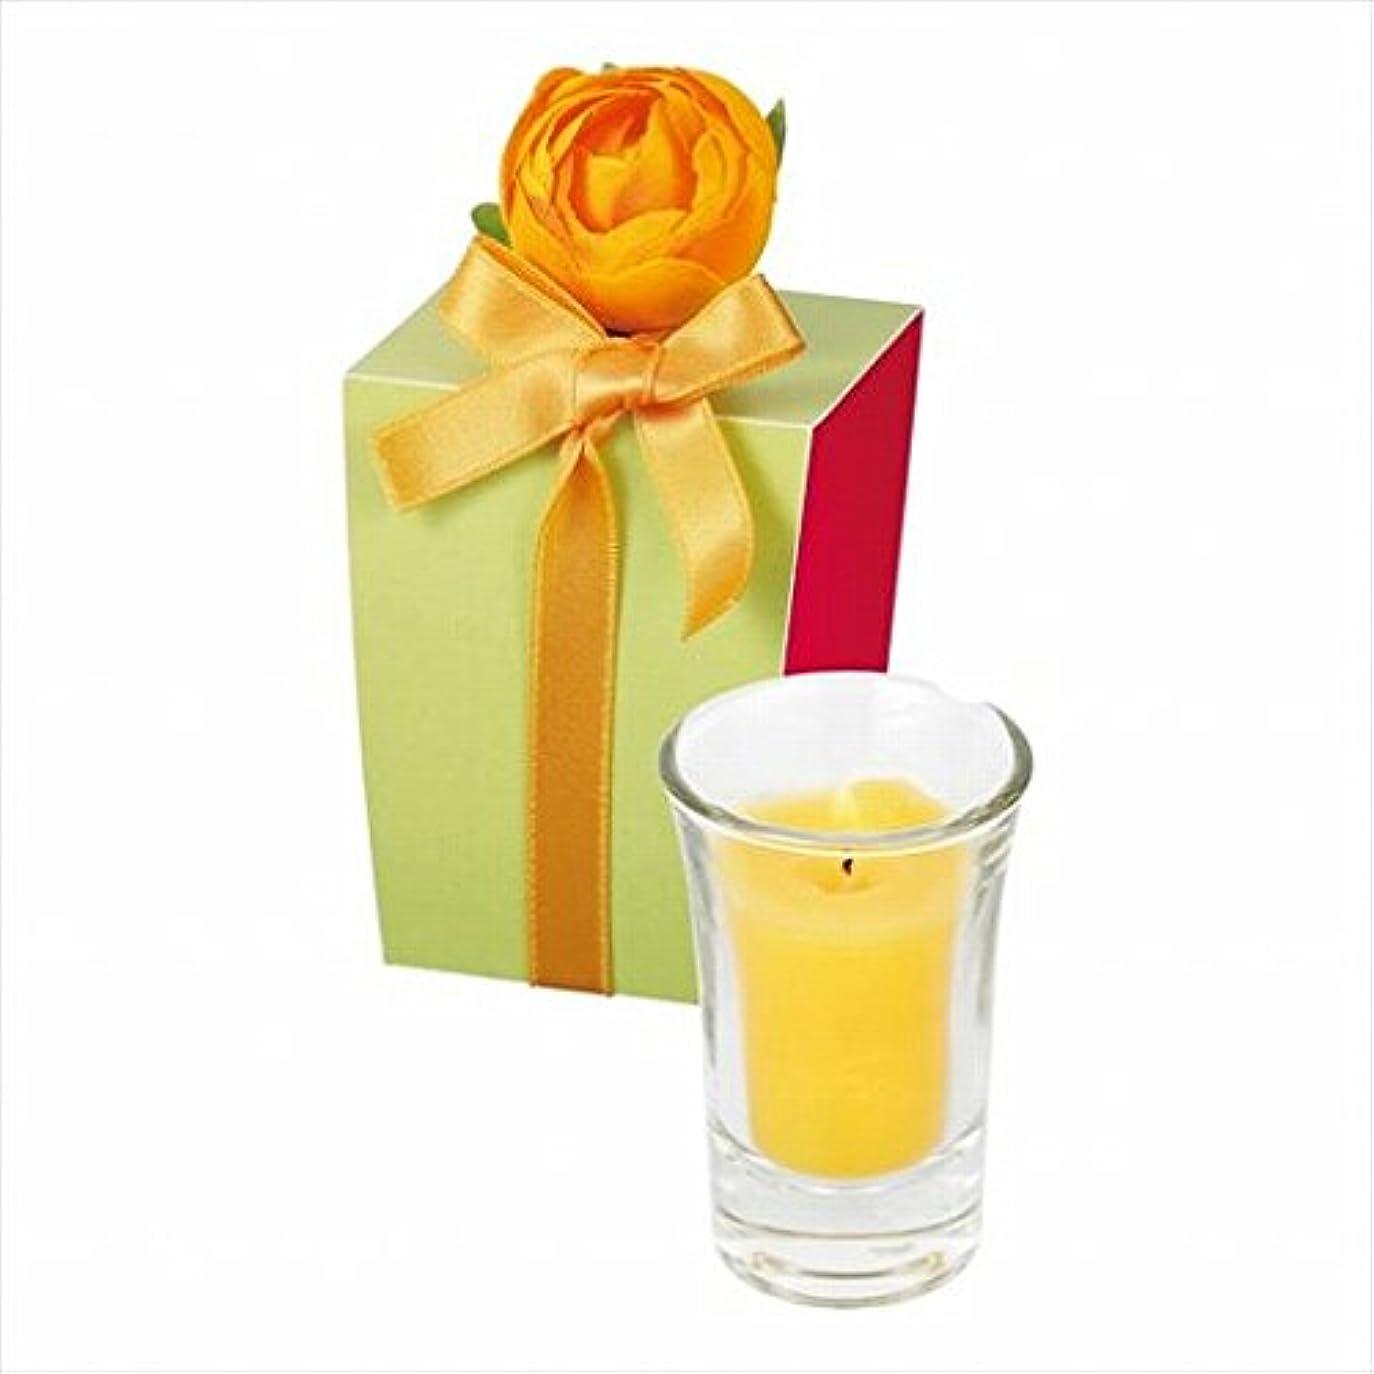 結婚シビックマイナーカメヤマキャンドル(kameyama candle) ラナンキュラスグラスキャンドル 「 イエロー 」